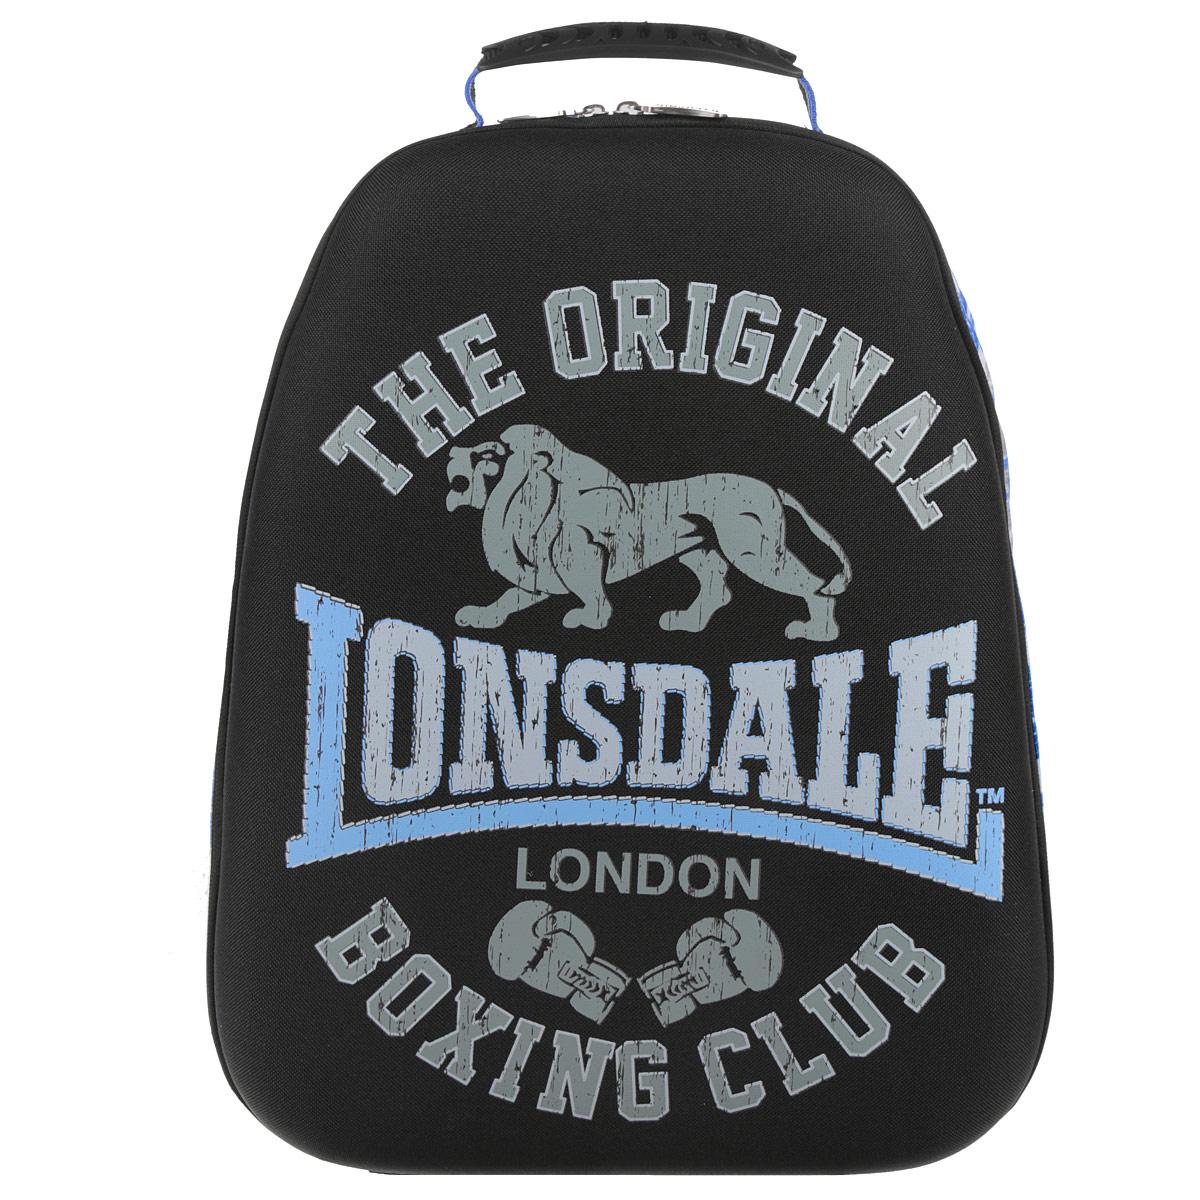 Рюкзак молодежный Lonsdale, цвет: черный, серый, голубой. LSCB-UT1-E1501498.040Стильный и молодежный рюкзак Lonsdale сочетает в себе современный дизайн, функциональность и долговечность. Выполнен из прочных материалов и оформлен изображением льва.Содержит изделие одно вместительное отделение на застежке-молнии с двумя бегунками. Внутри отделения находятся: открытый карман-сетка, карман-сетка на молнии, две мягкие перегородки и отделение для мобильного телефона. Фронтальная панель рюкзака выполнена из EVA, благодаря чему рюкзак не деформируется. Мягкие широкие лямки регулируются по длине. Рюкзак оснащен эргономичной ручкой для удобной переноски в руке. Этот рюкзак можно использовать для повседневных прогулок, отдыха и спорта, а также как элемент вашего имиджа.Рекомендуемый возраст: от 12 лет.